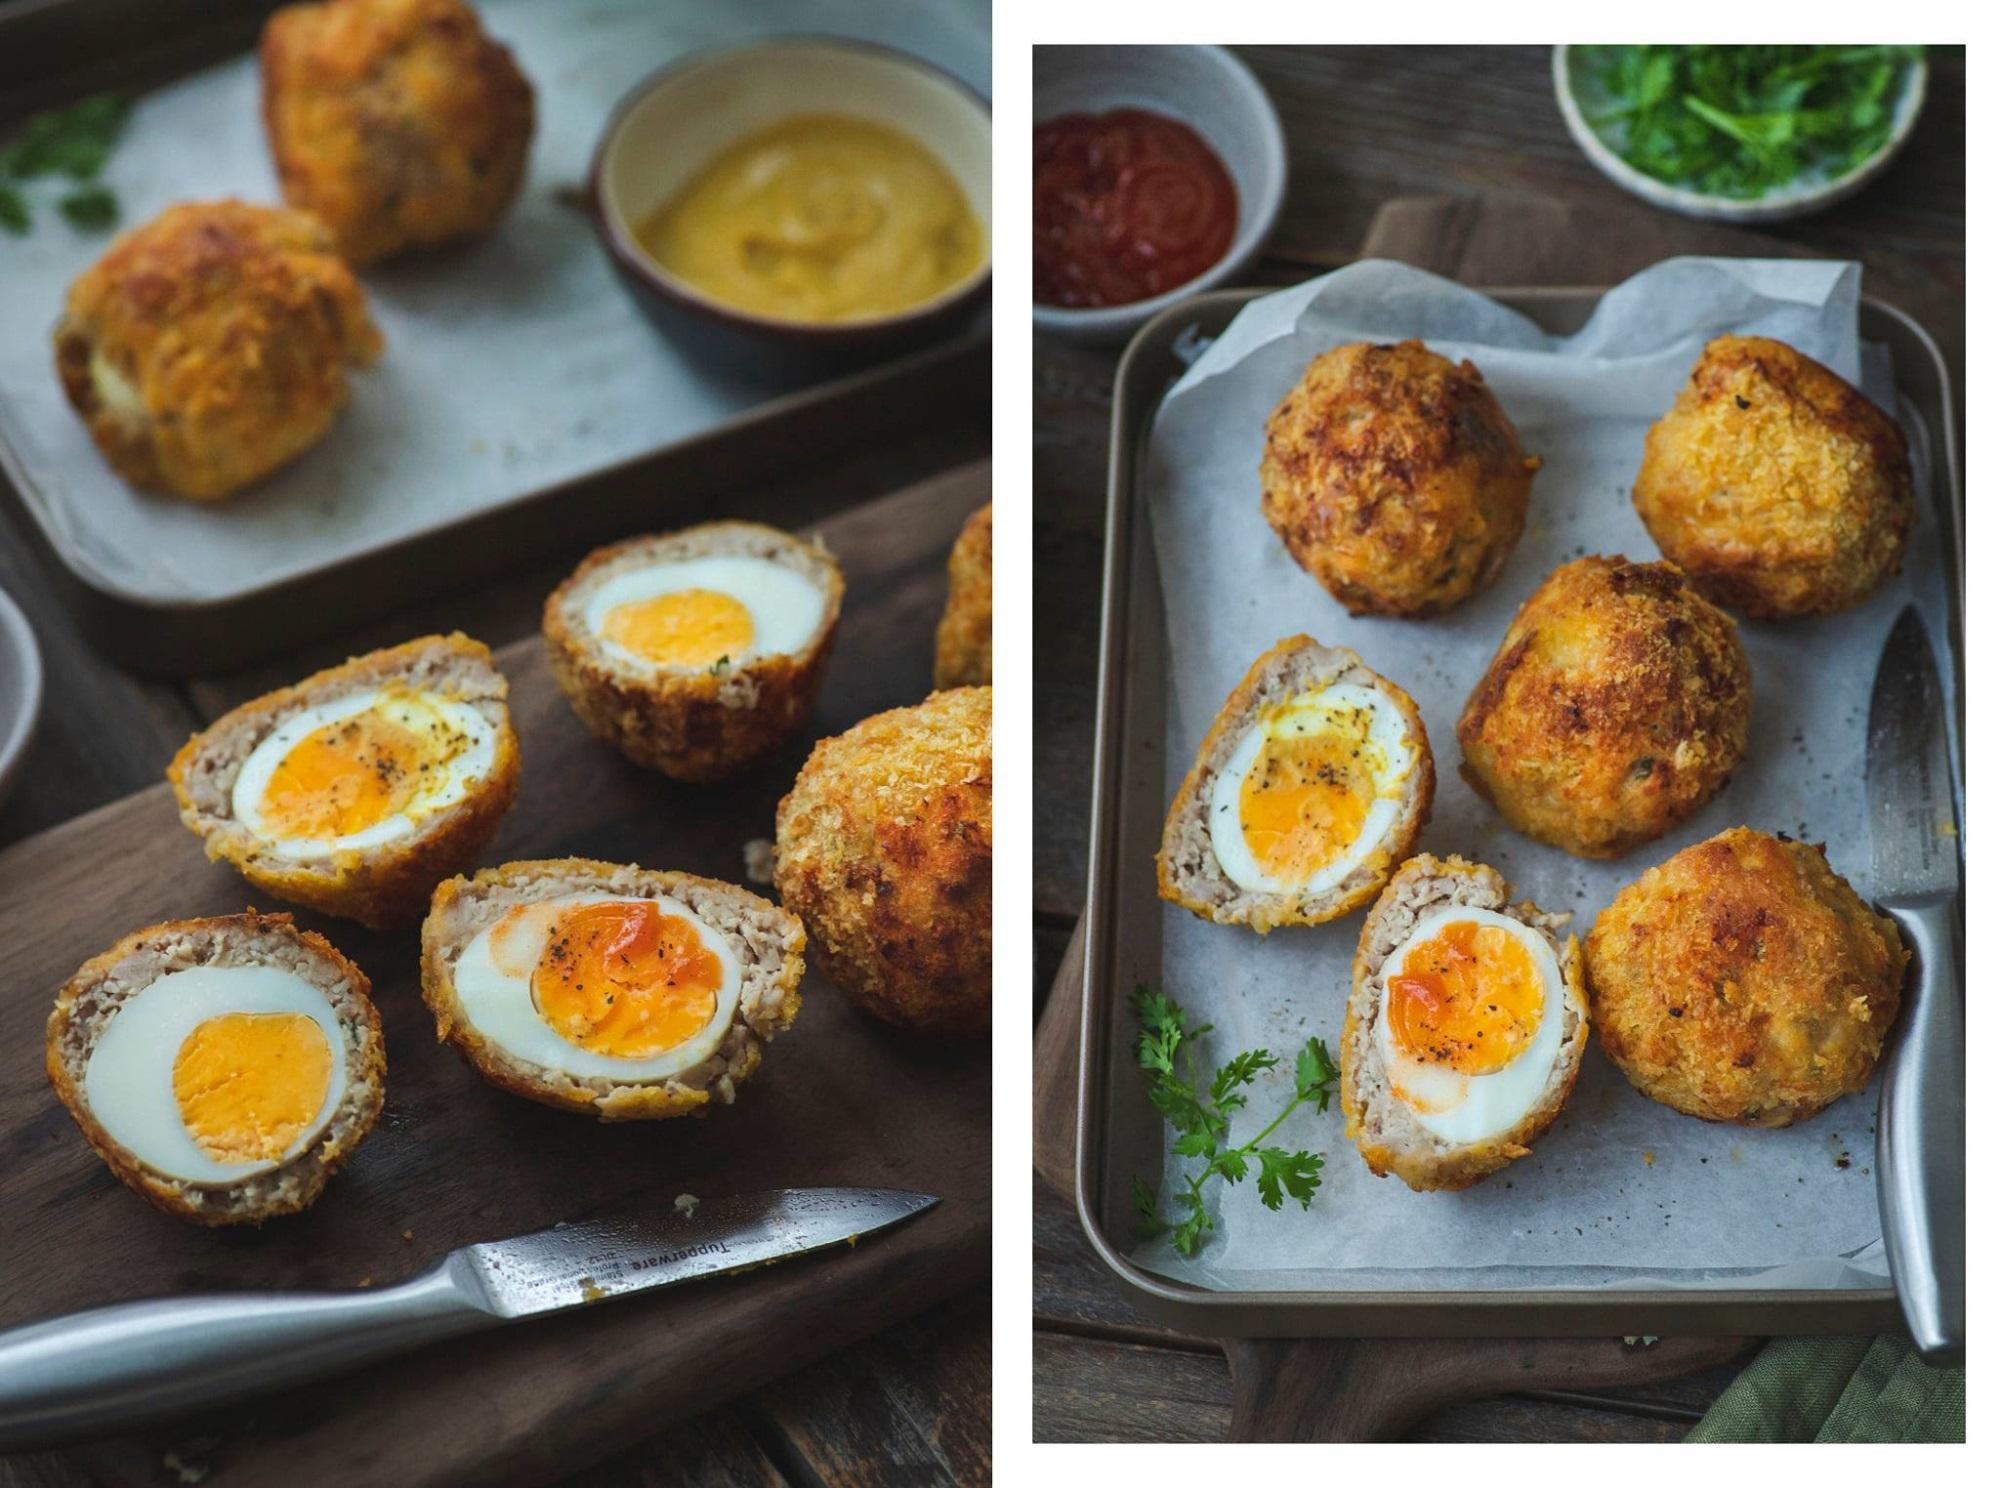 Bắt 'trend' làm mau món 'trứng dã ngoại': Béo tròn núc ních, bên ngoài giòn rụm, bên trong ngọt mềm, ăn cơm ăn chơi đều xuất sắc - Ảnh 8